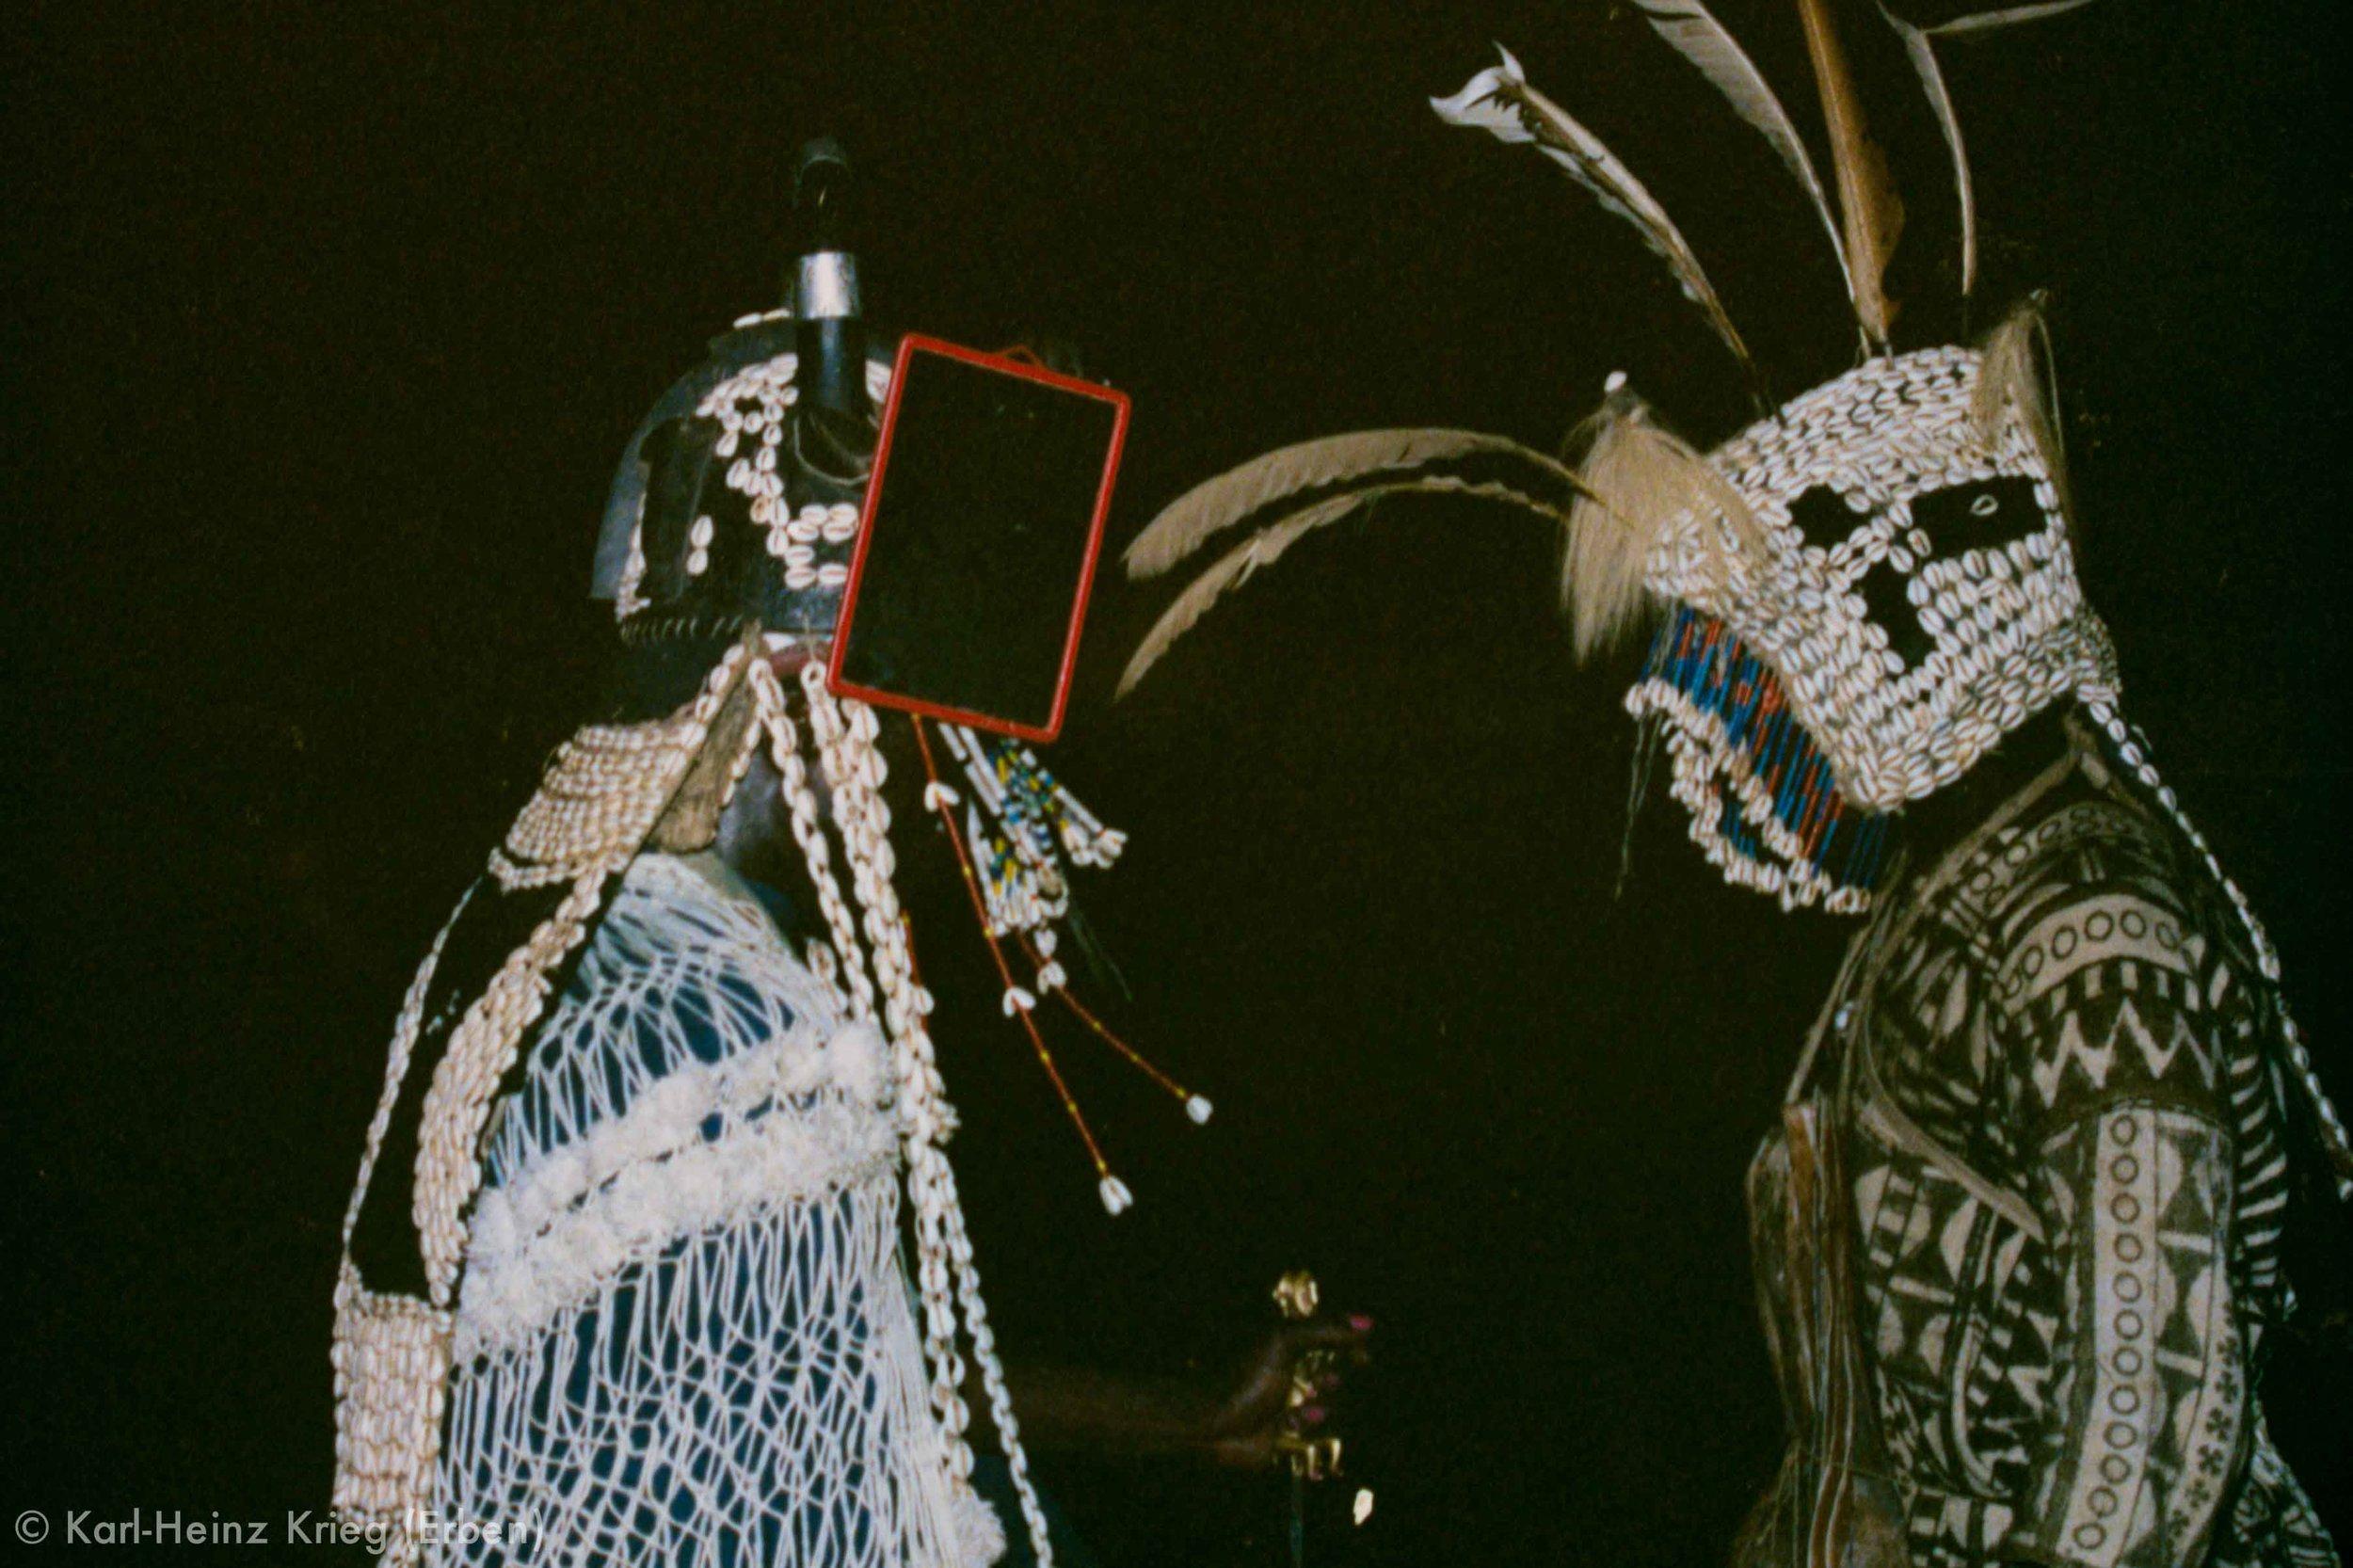 Niyuo -Sänger mit  Dagu -Helm und Stab (links) und  Niyuo -Tänzer mit Haube (rechts). Foto: Karl-Heinz Krieg, Kapyala (Region von Boundiali, Côte d'Ivoire), 1980